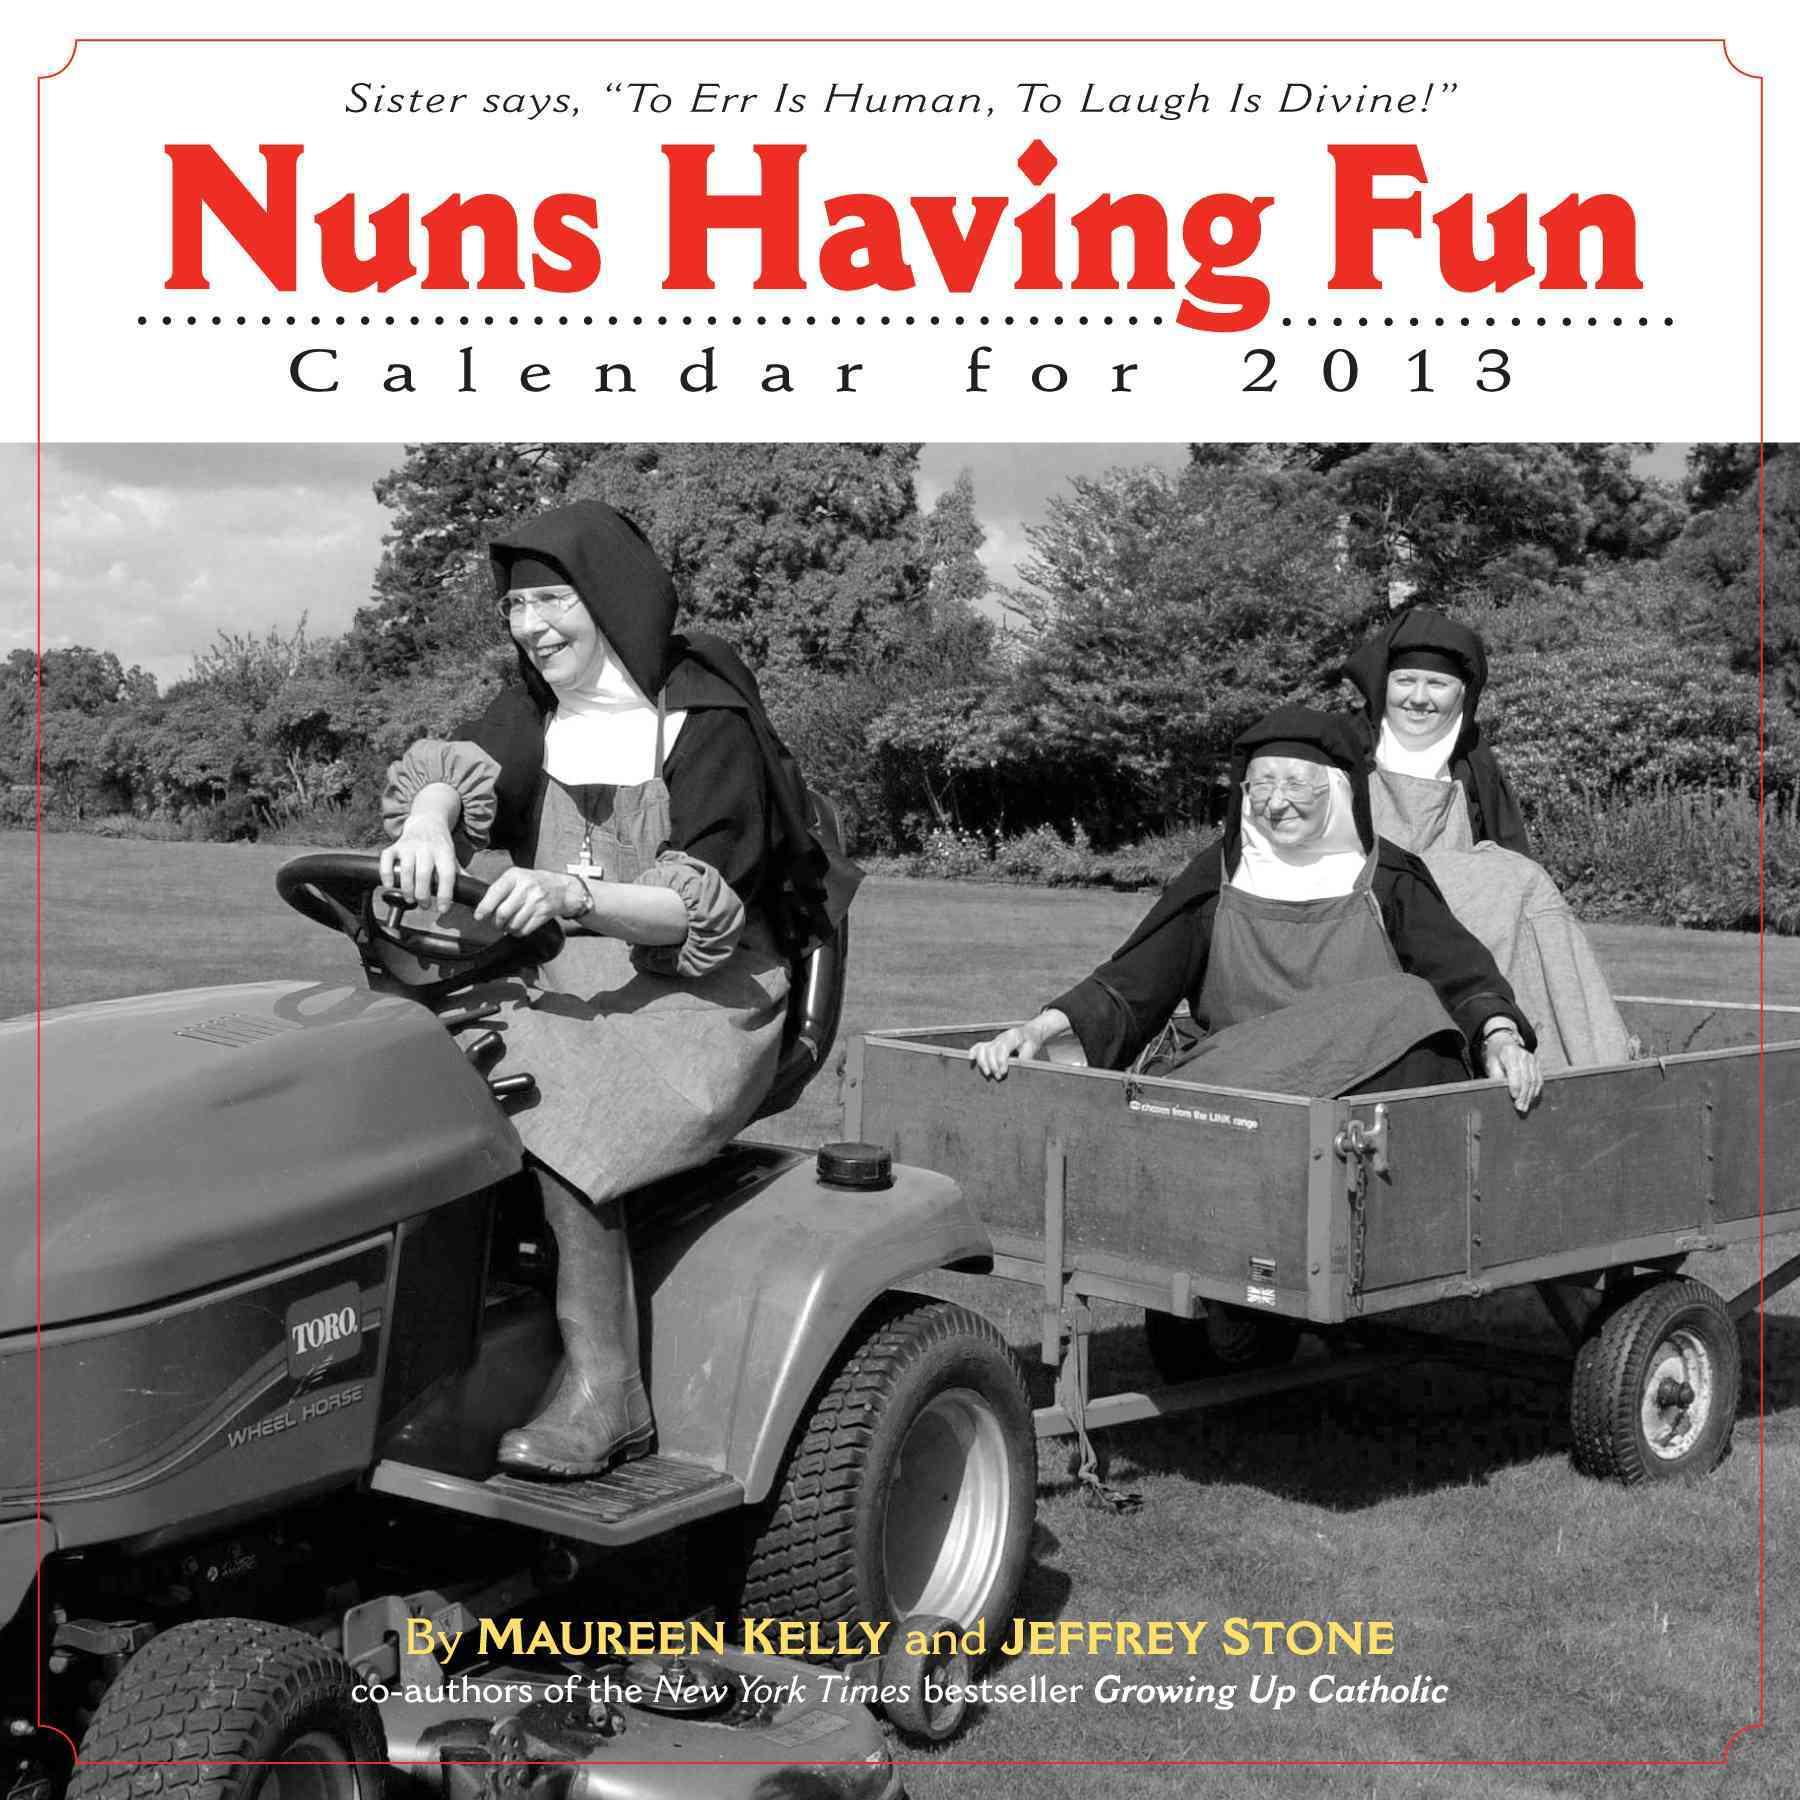 Nuns Having Fun 2013 Calendar